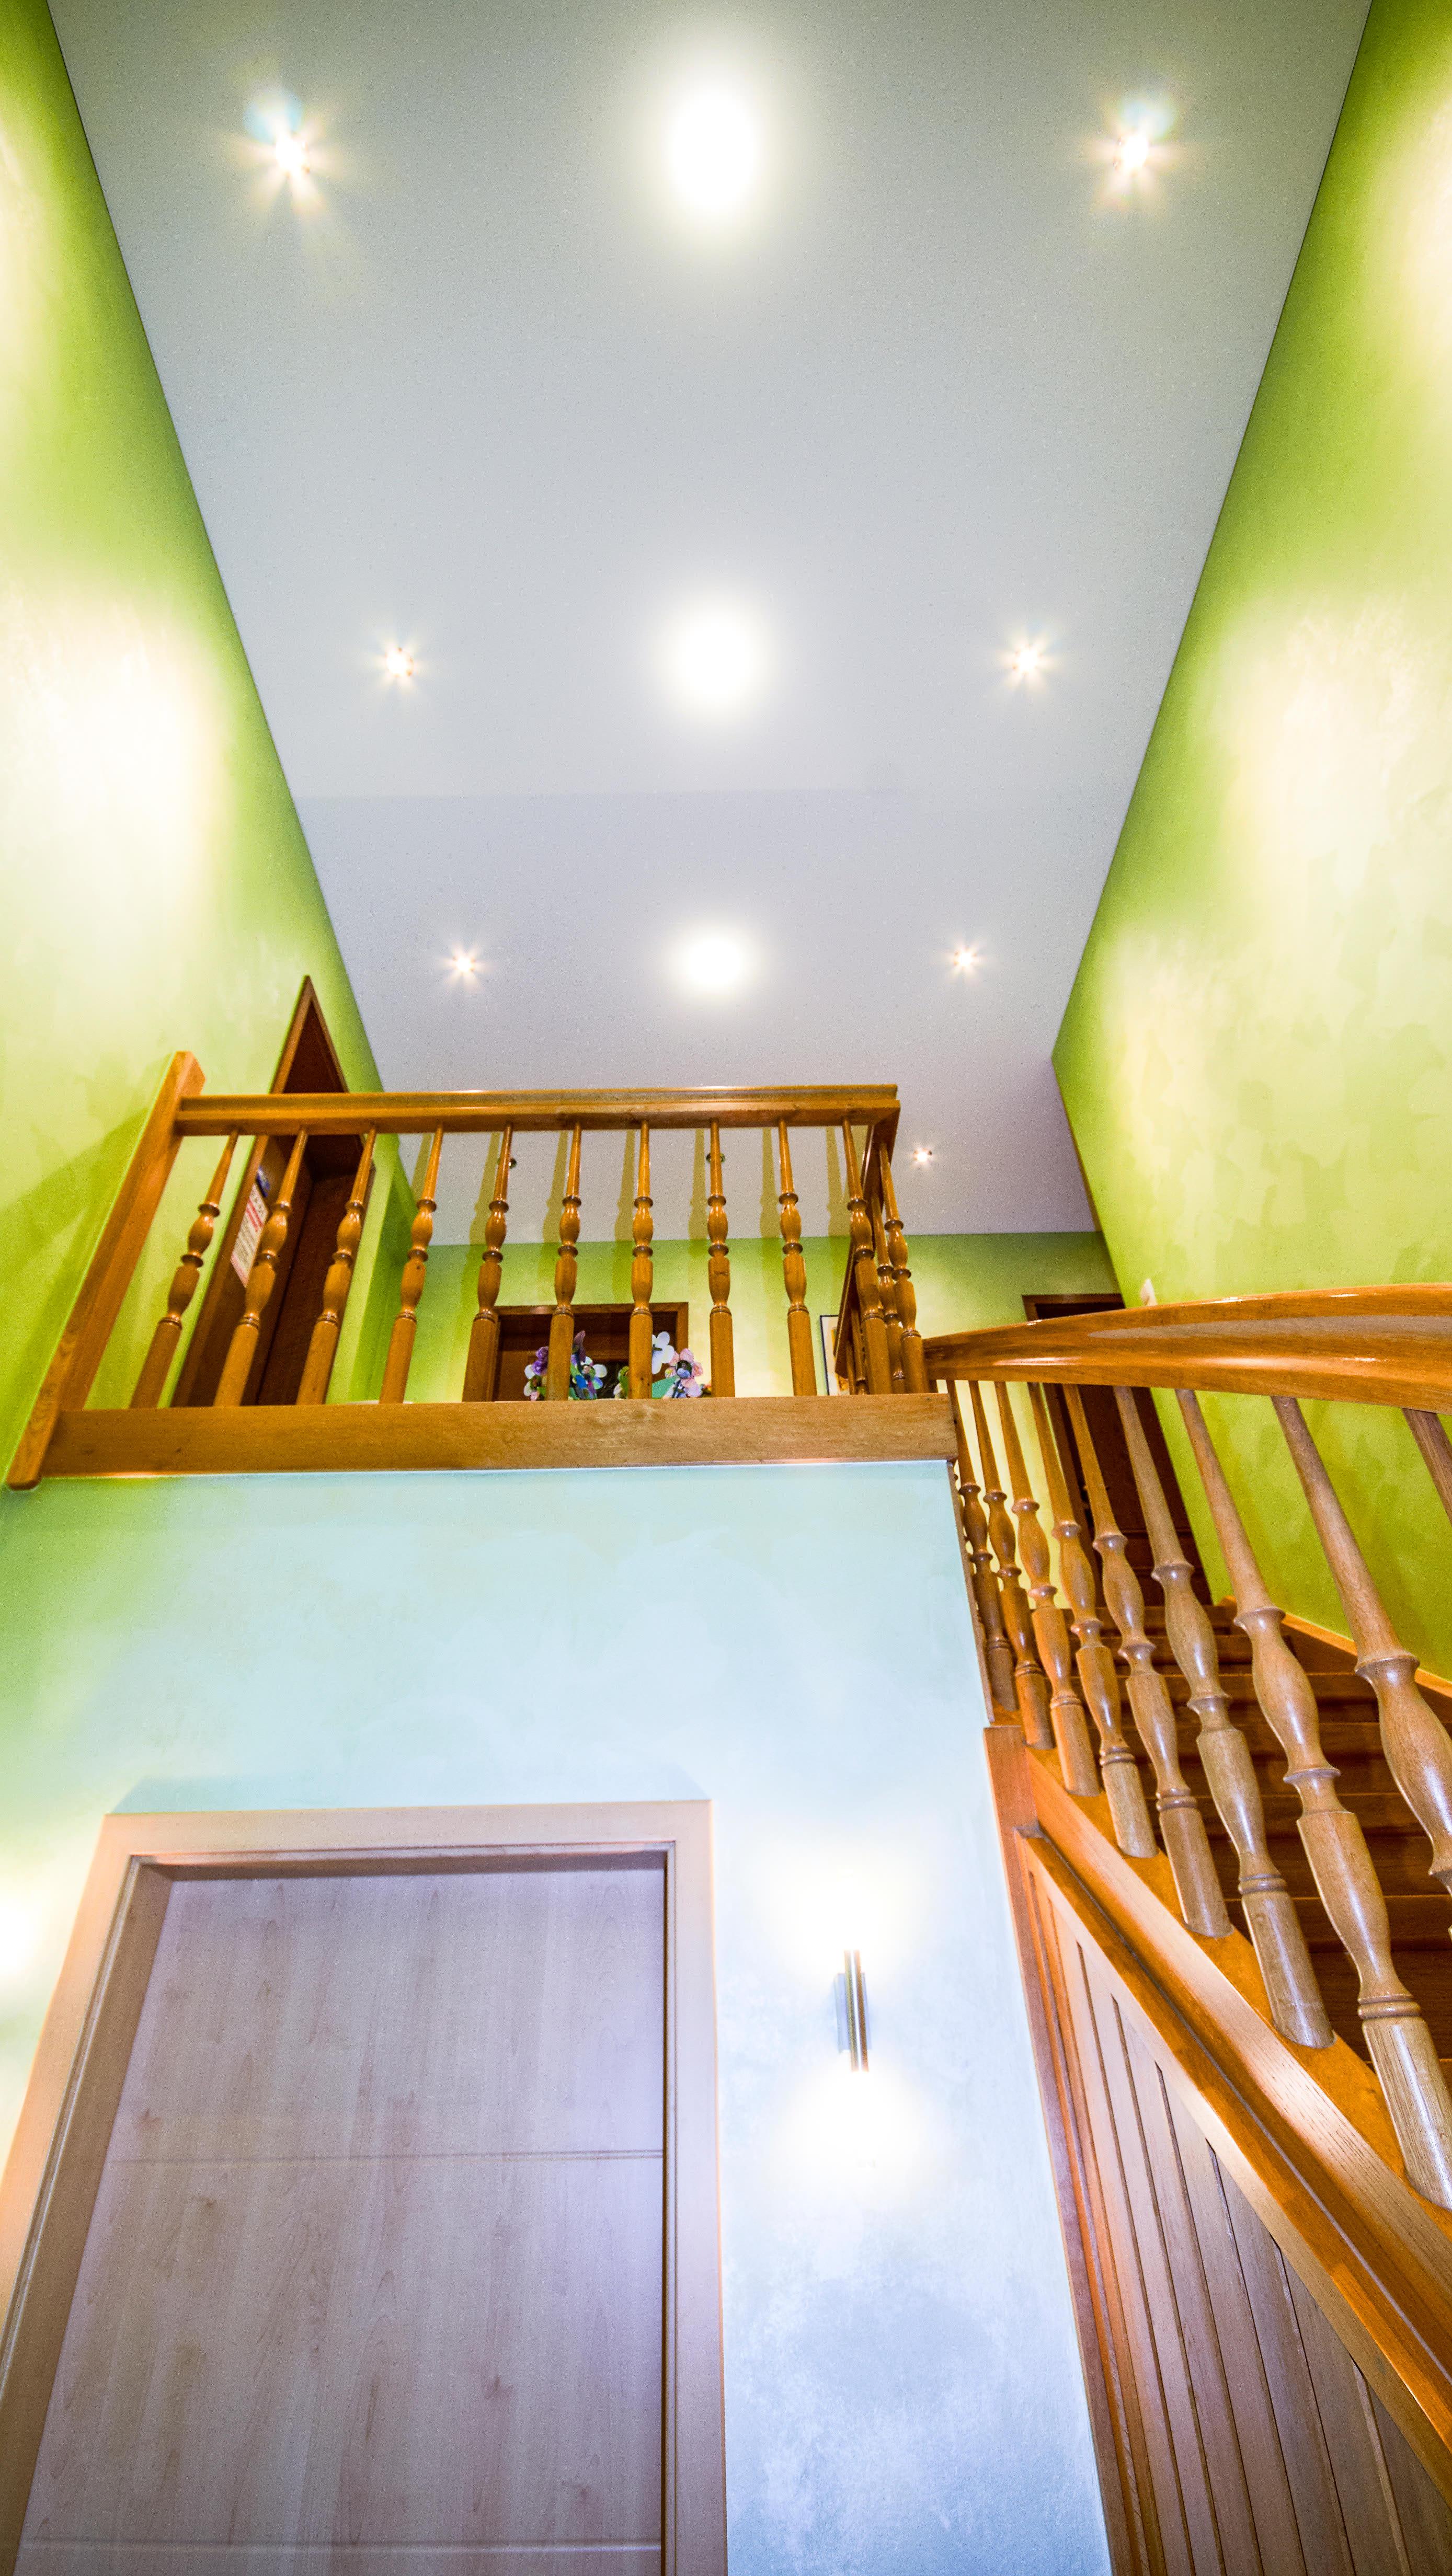 Flur mit Treppenhaus mit grünen Wänden und Beleuchtung an der Decke